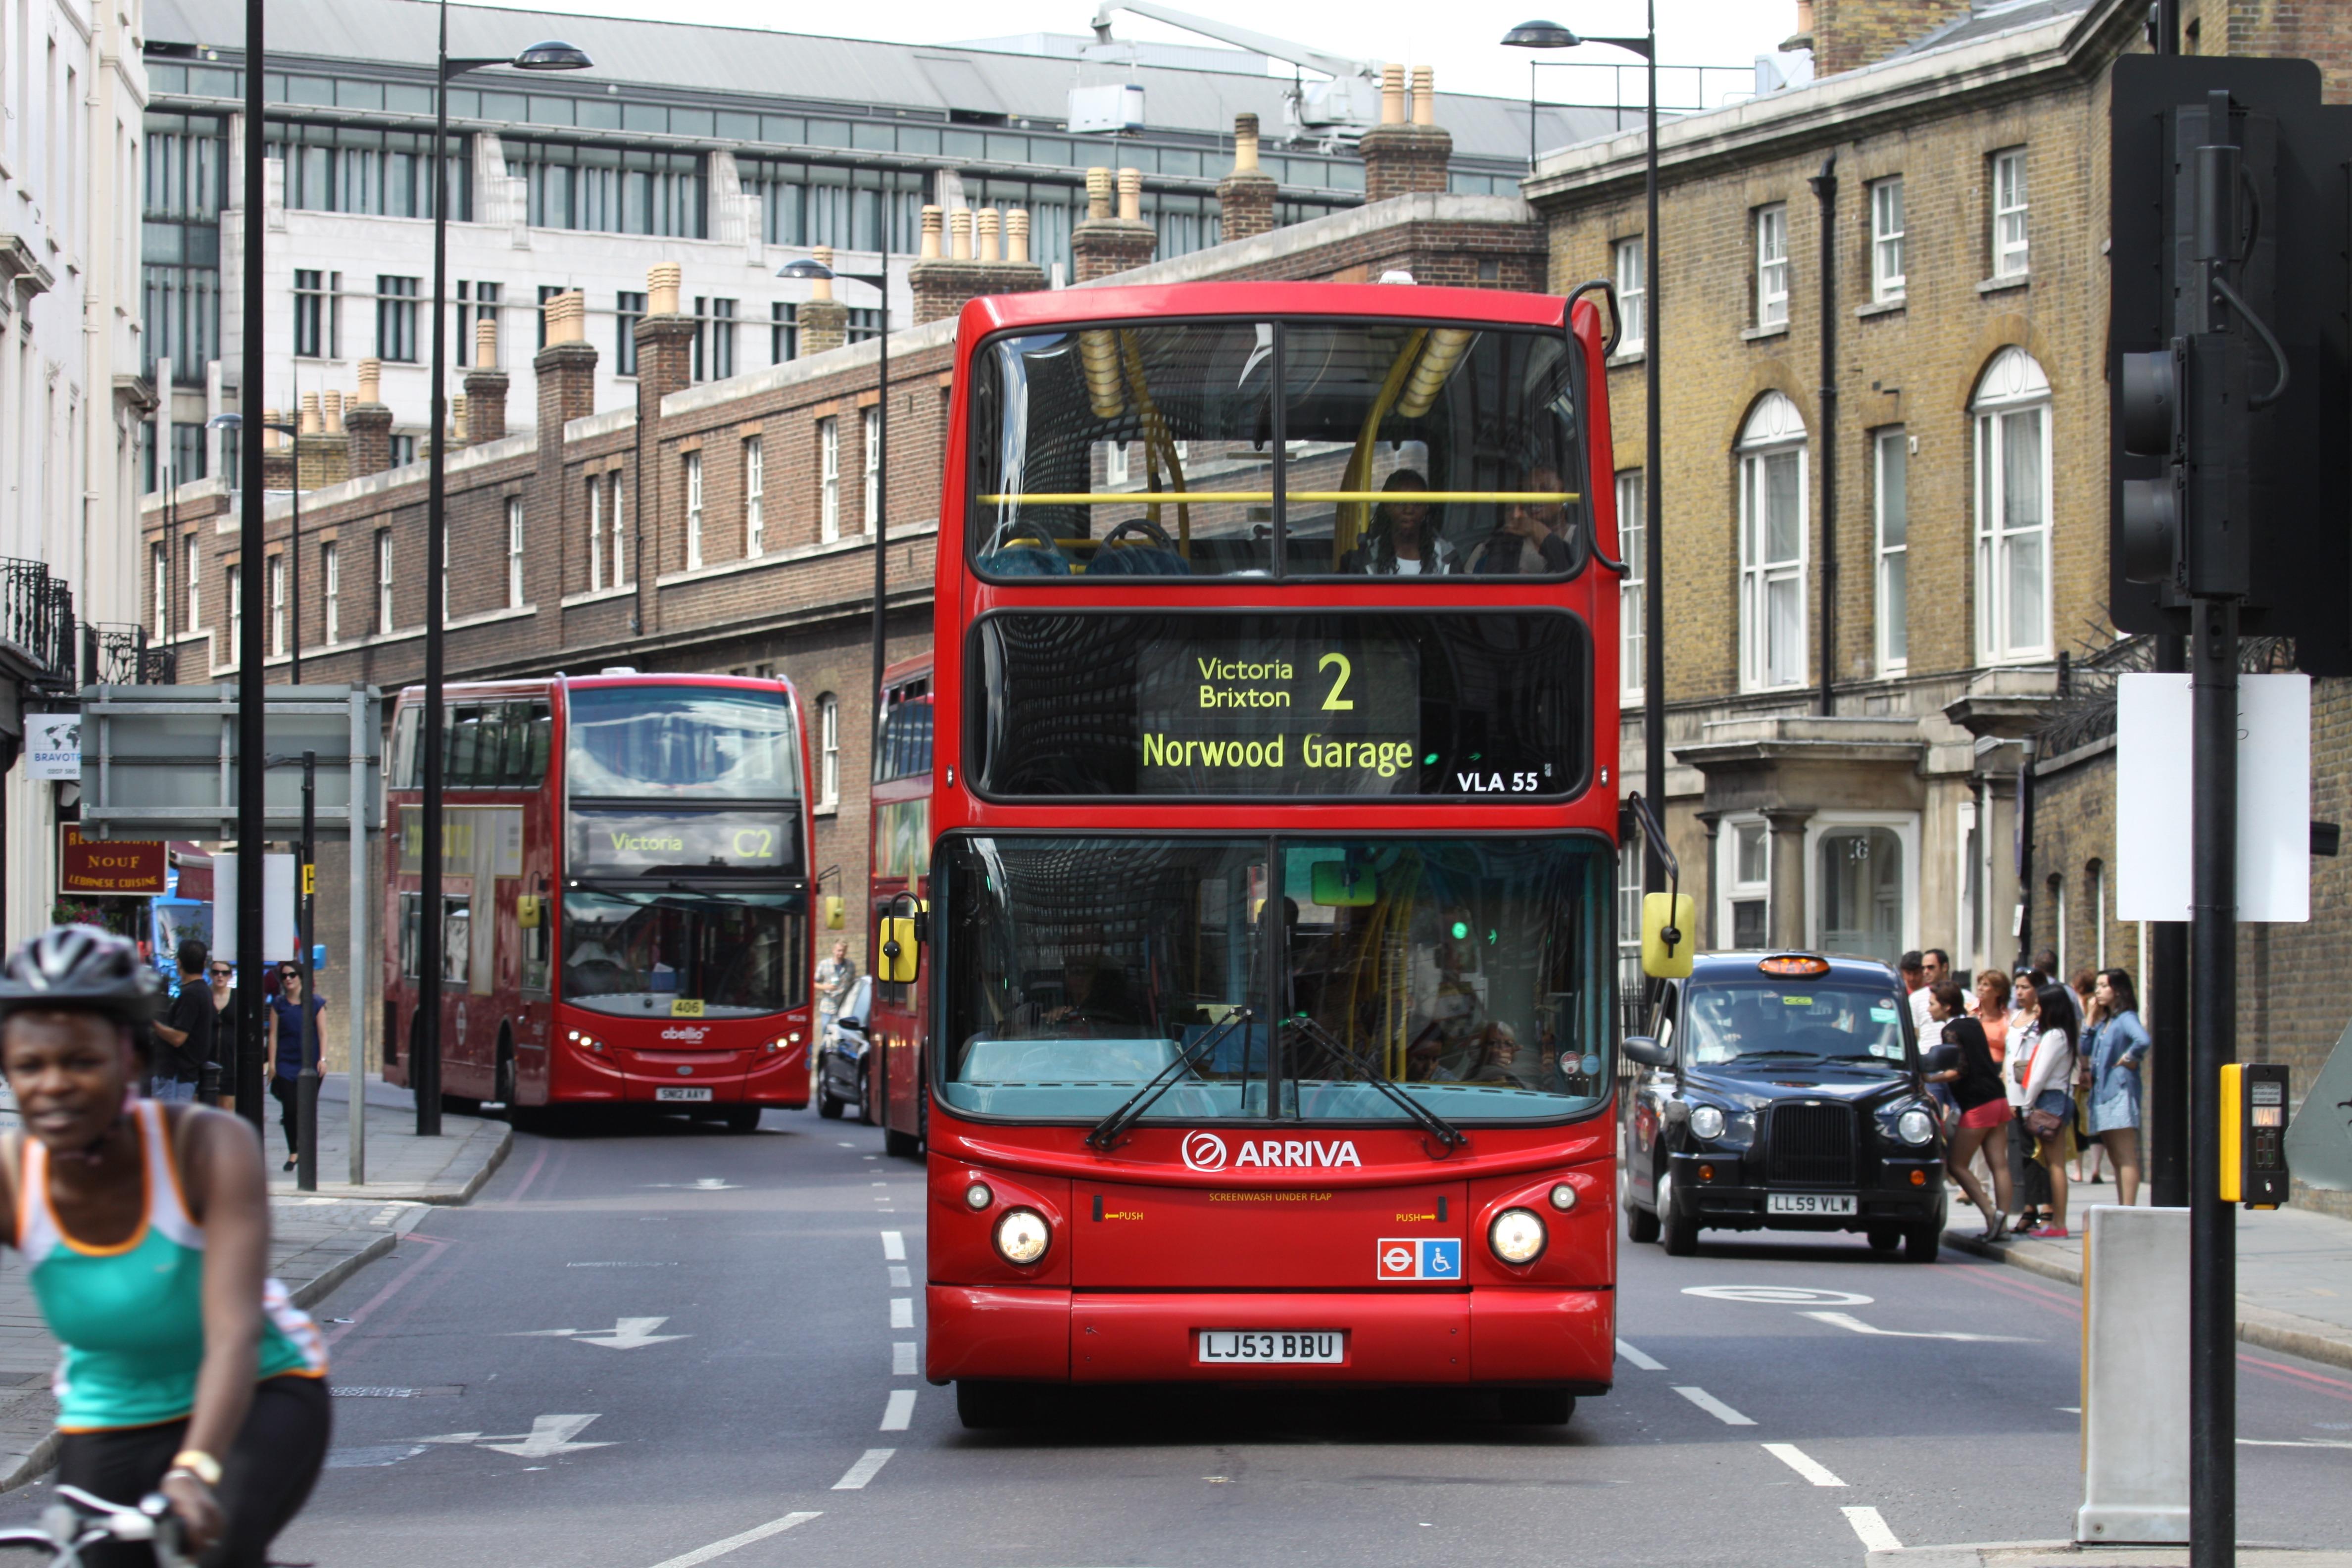 מלונות בלונדון מלונות אכסניות לינה אנגליה לונדון Pass הזמנה ברחבי העולם זול מחיר נמוך